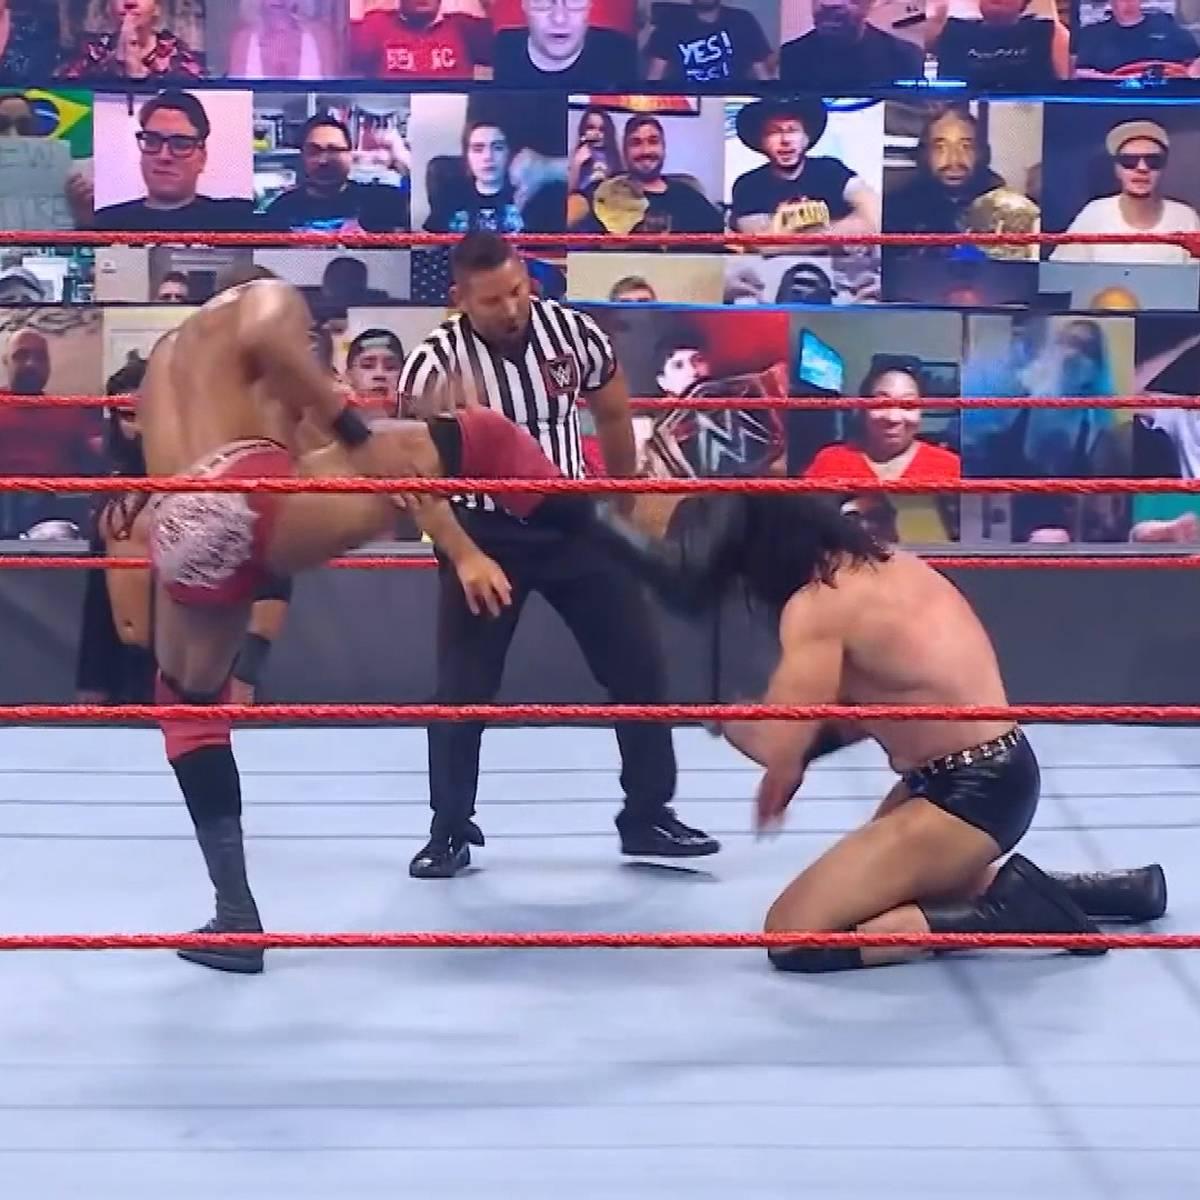 WWE-Star wird Opfer eines neues Schurkentrios